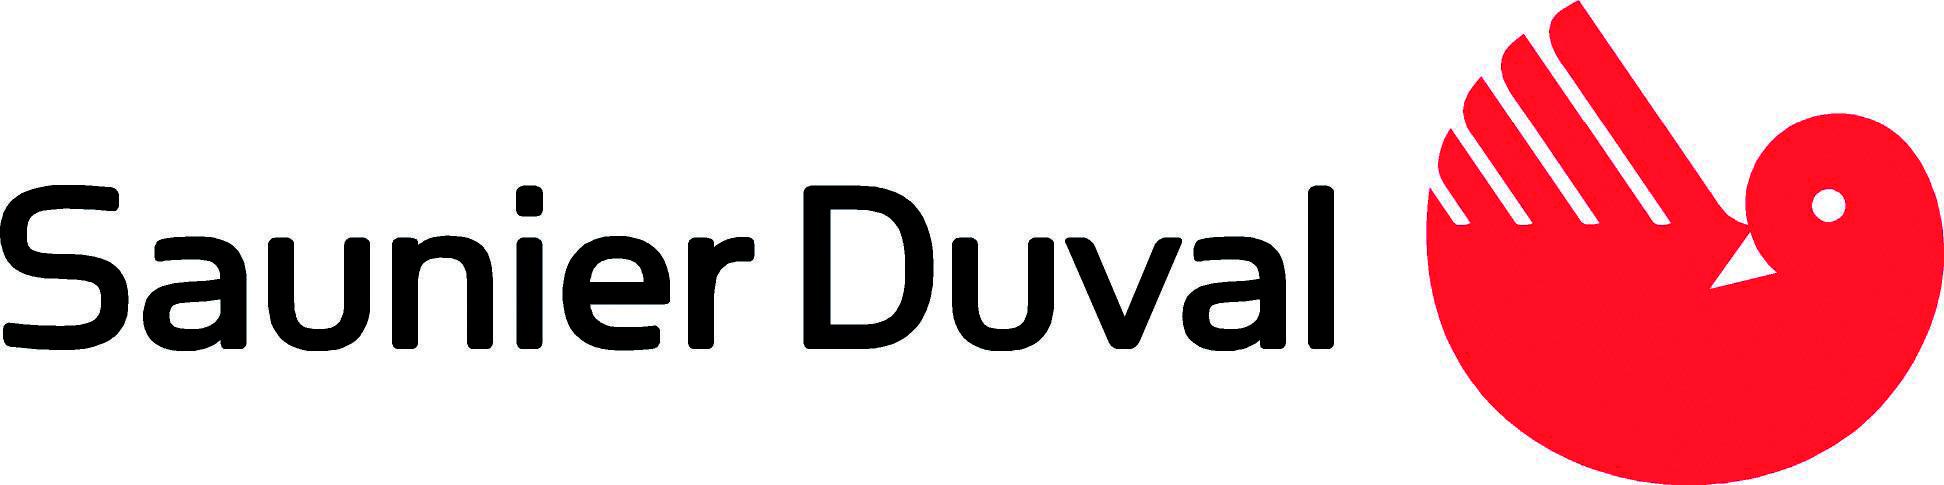 Tecnología Saunier Duval